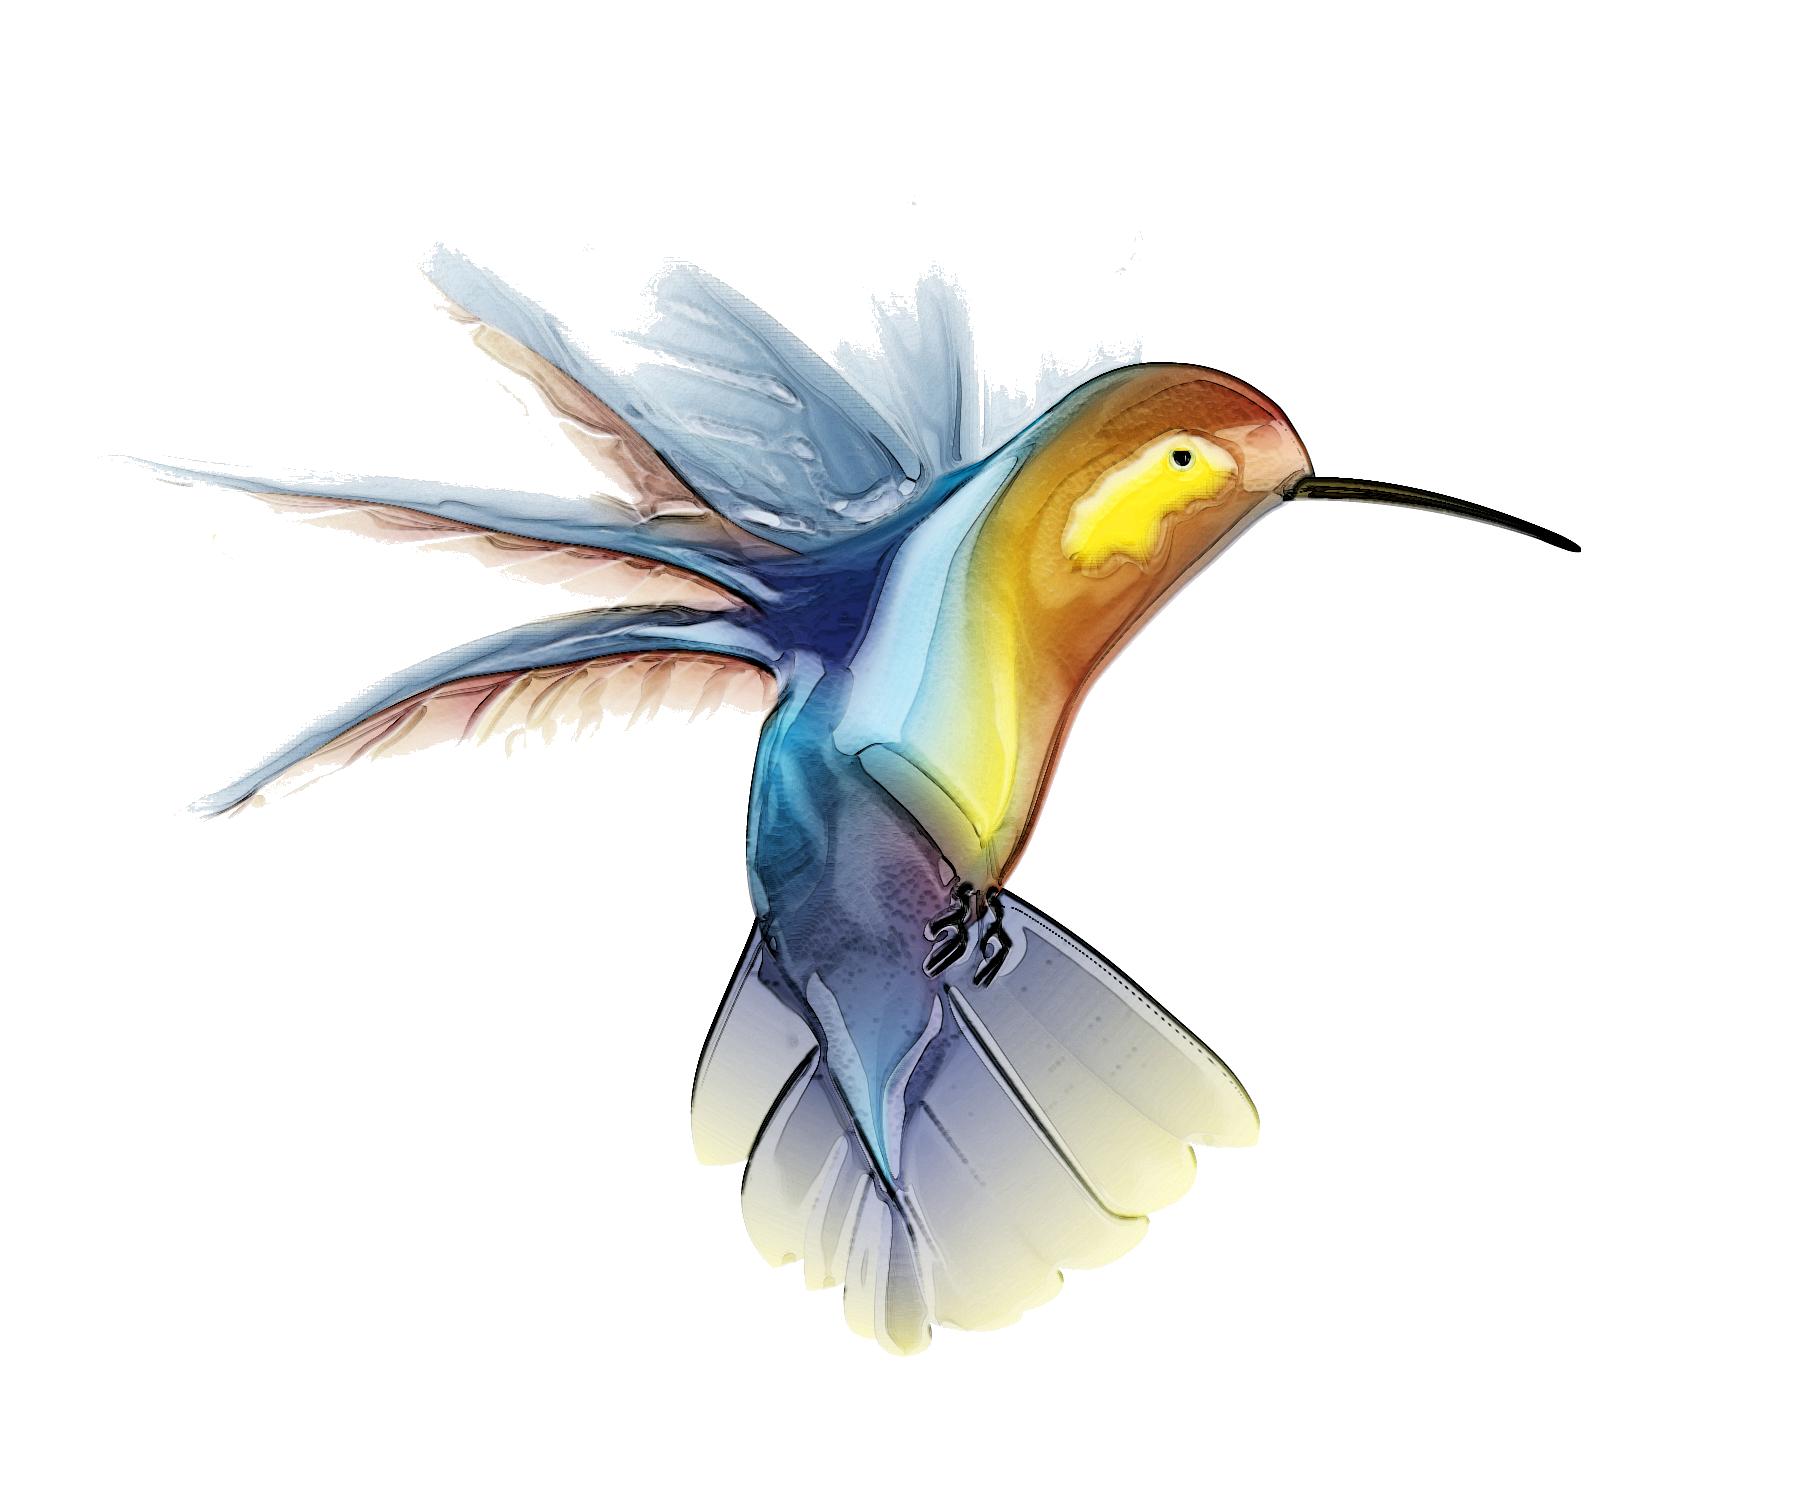 Png transparent free images. Hummingbird clipart beautiful bird